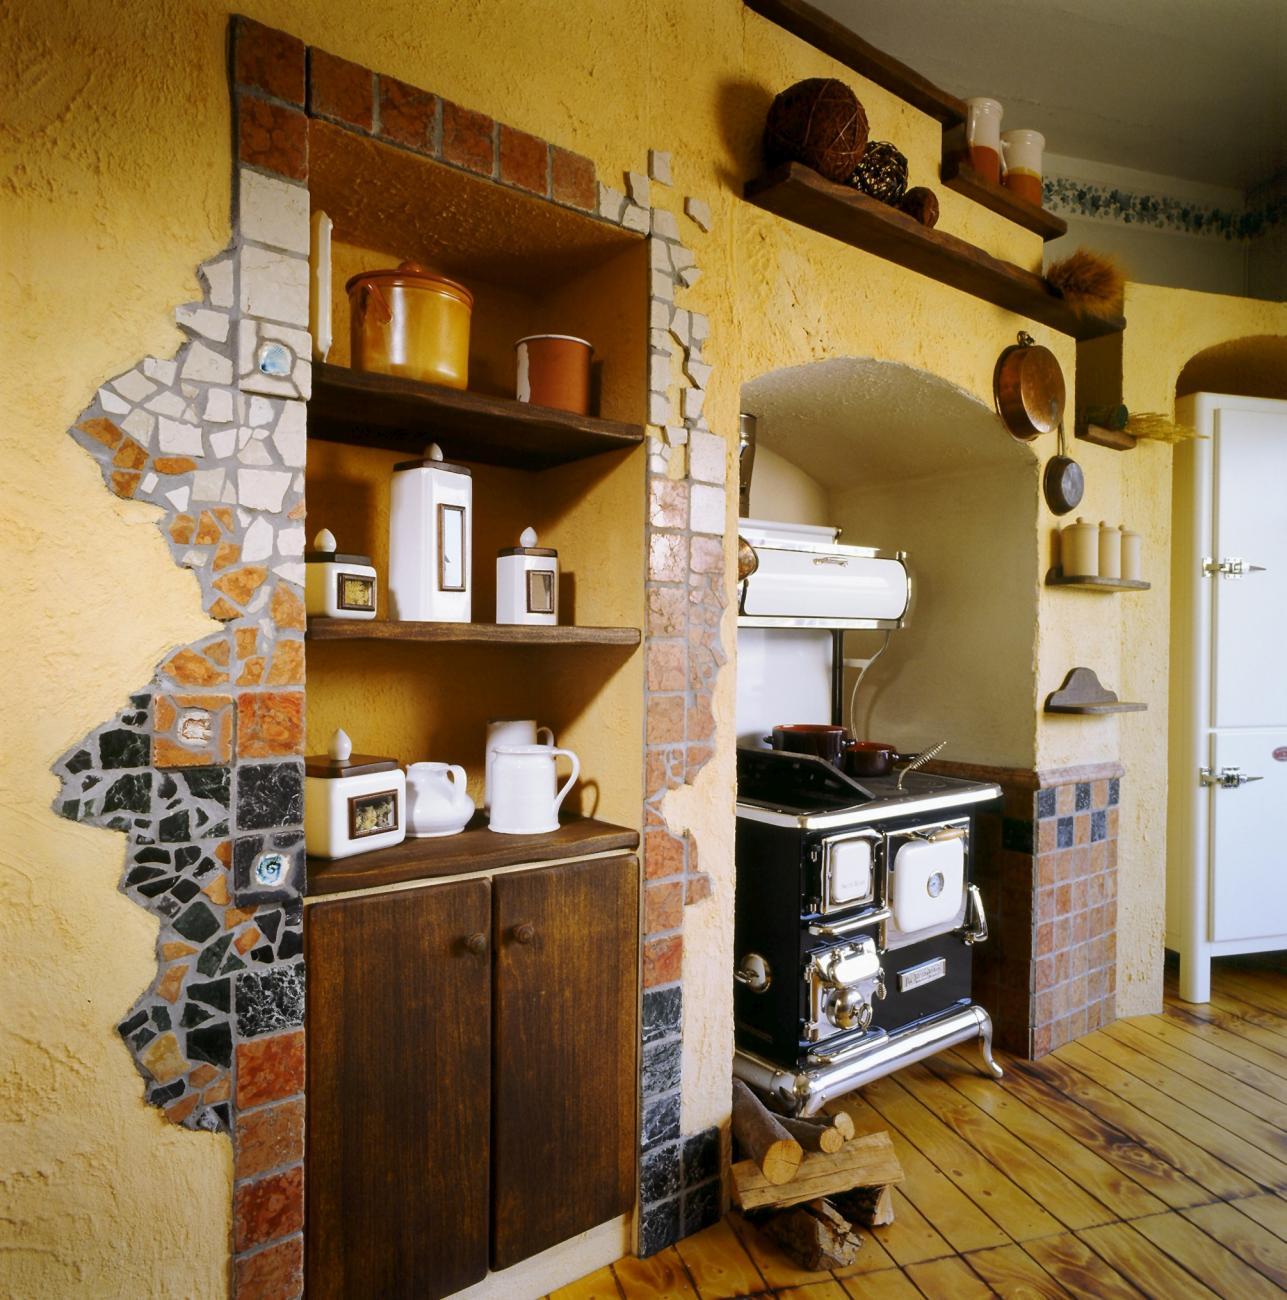 cucine_ambienti_rustici_anticati_2